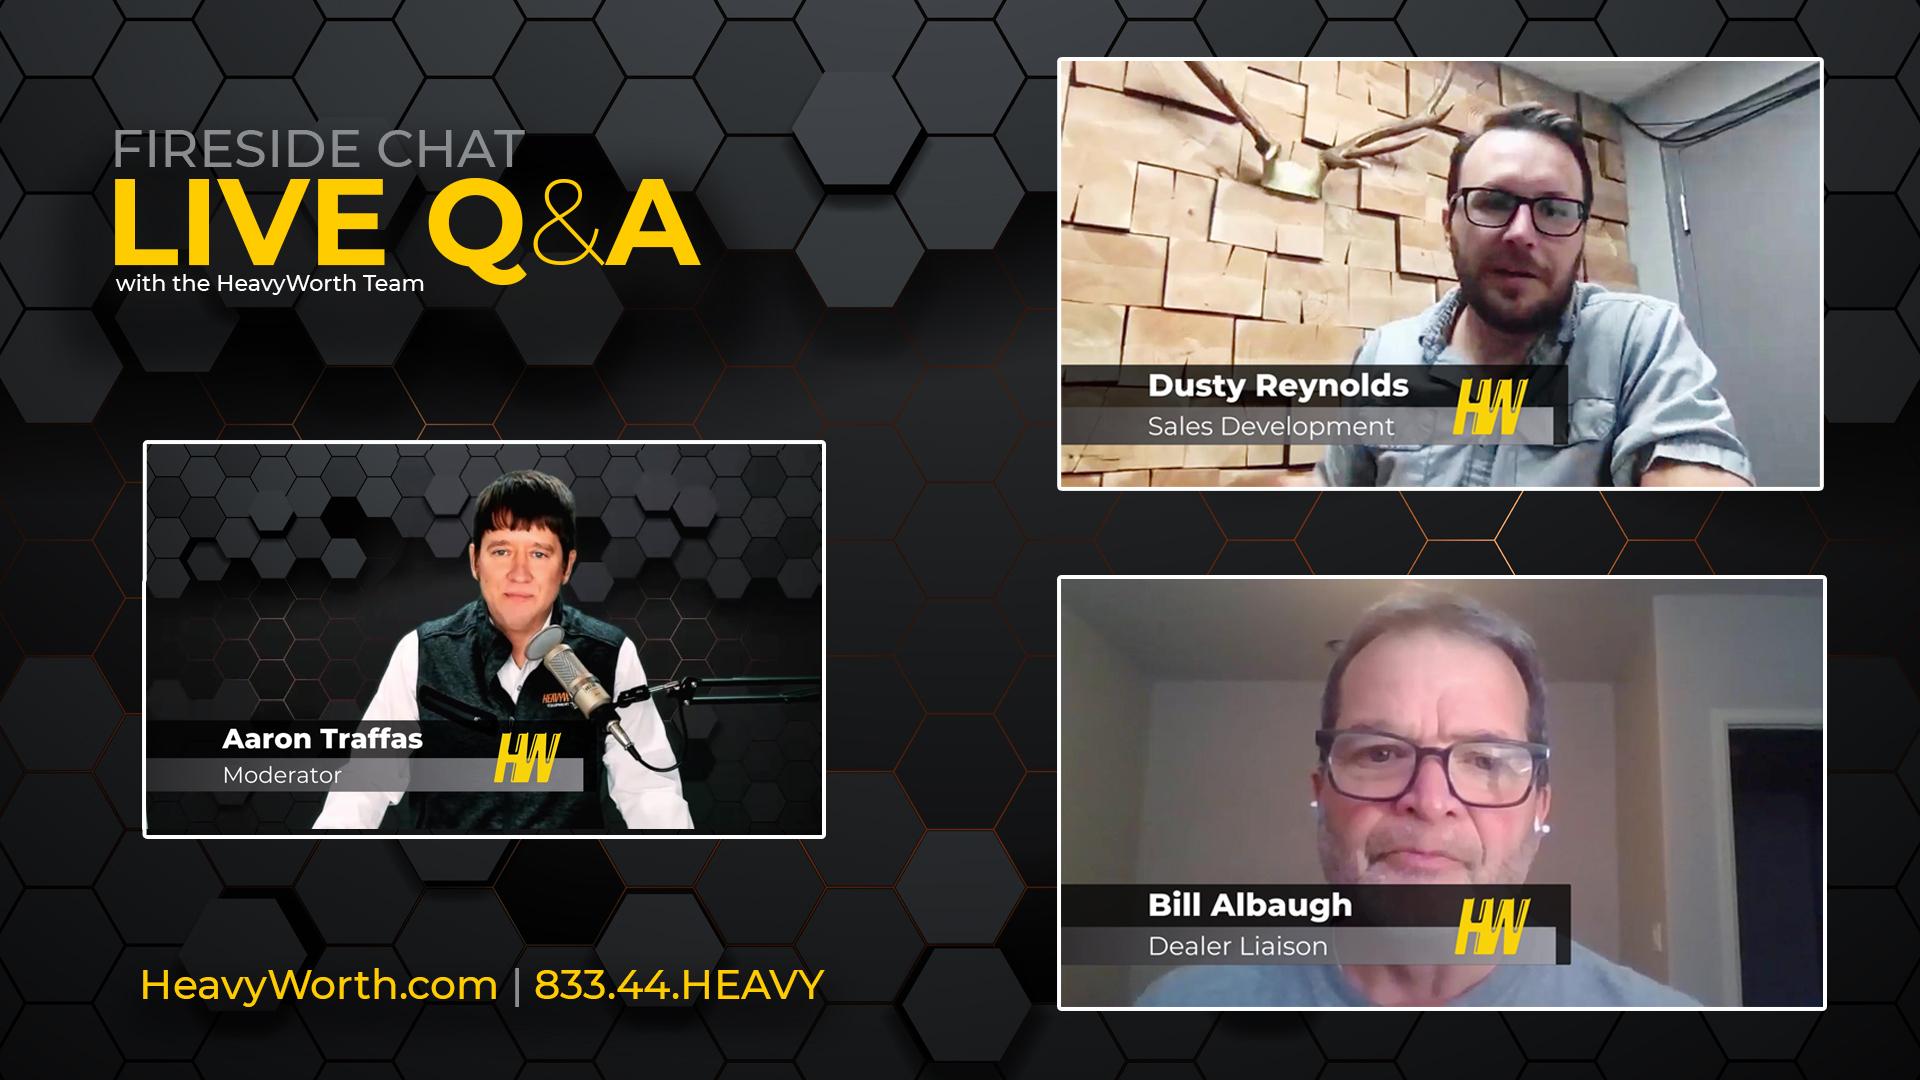 March 2021 webinar - Q&A with the HeavyWorth team